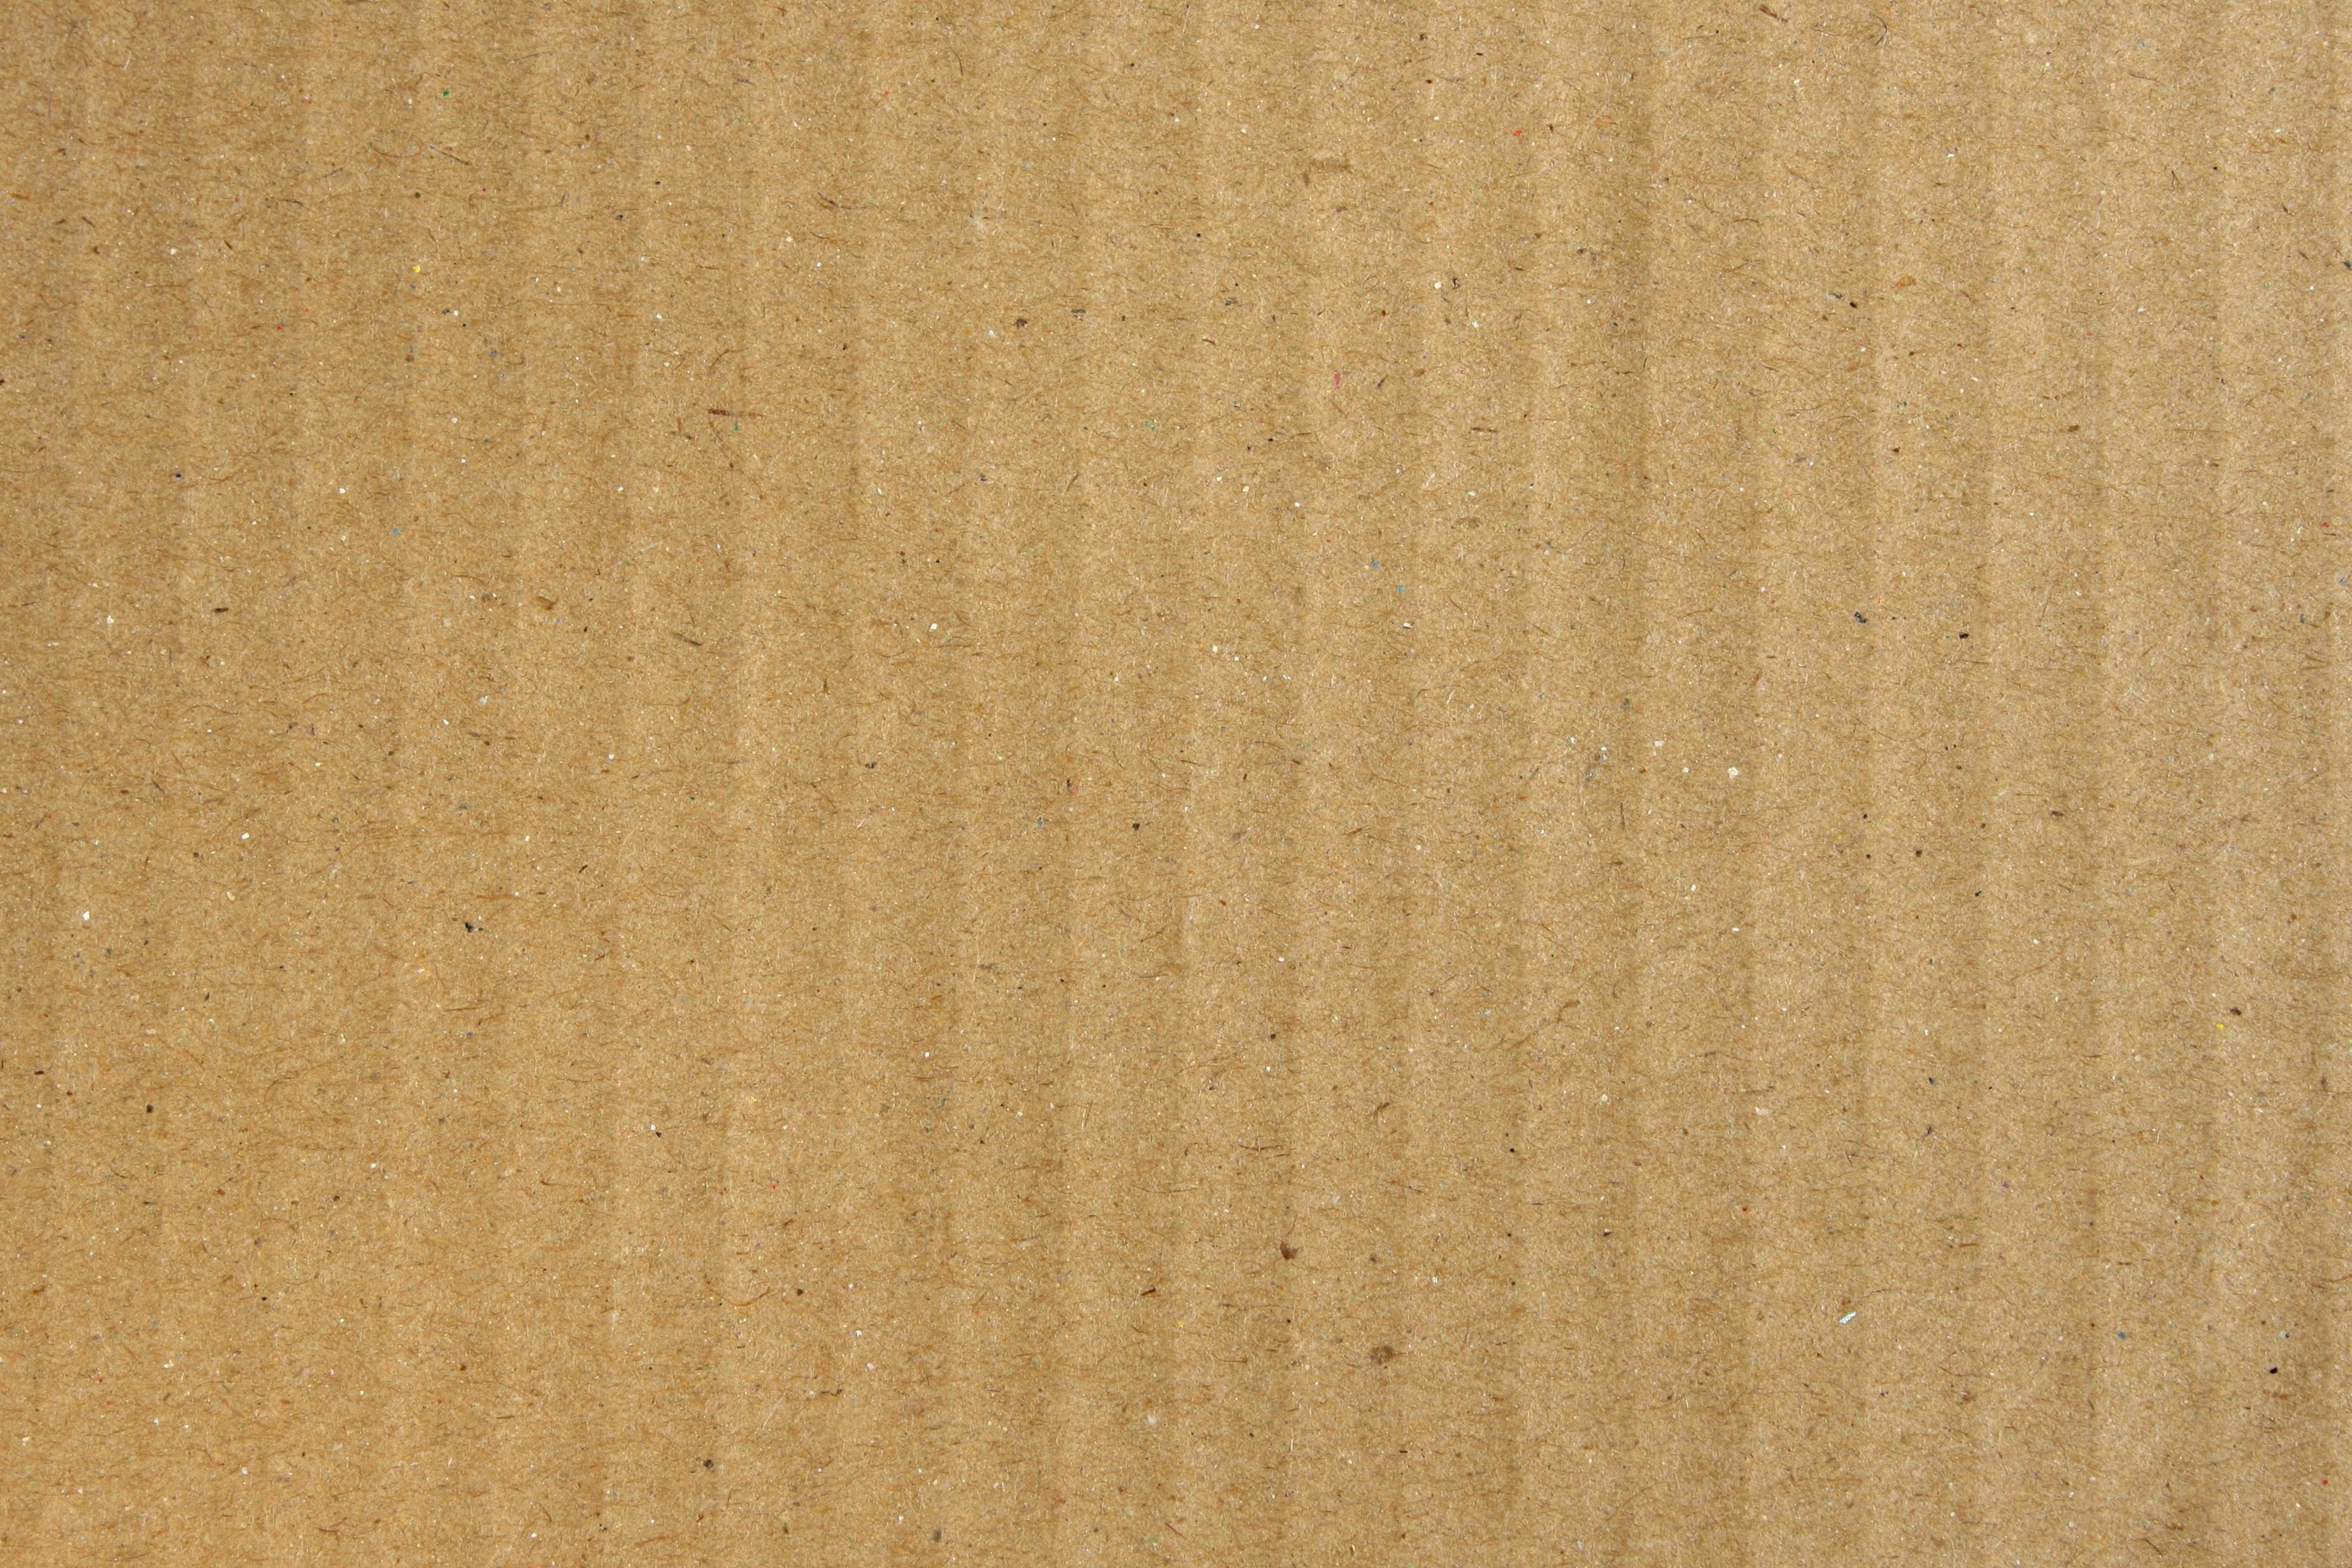 Image Libre Carton Carton Papier Texture